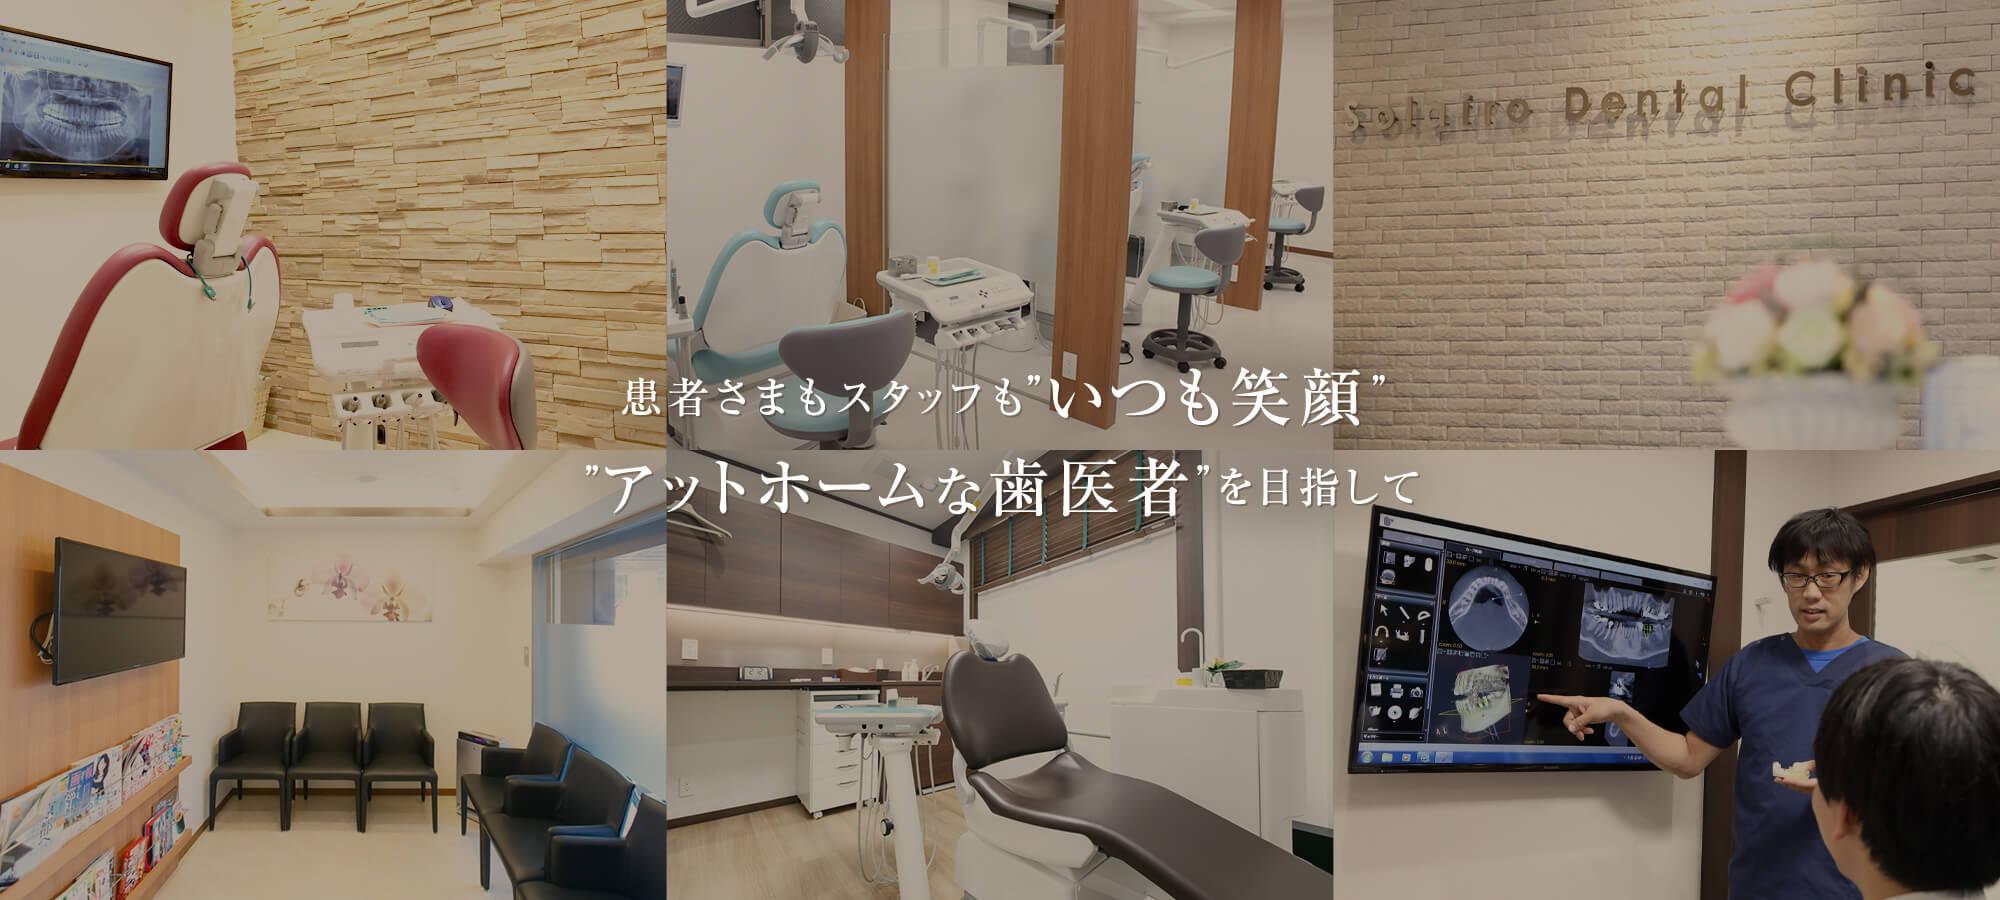 患者さまもスタッフも いつも笑顔  アットホームな歯医者を目指して